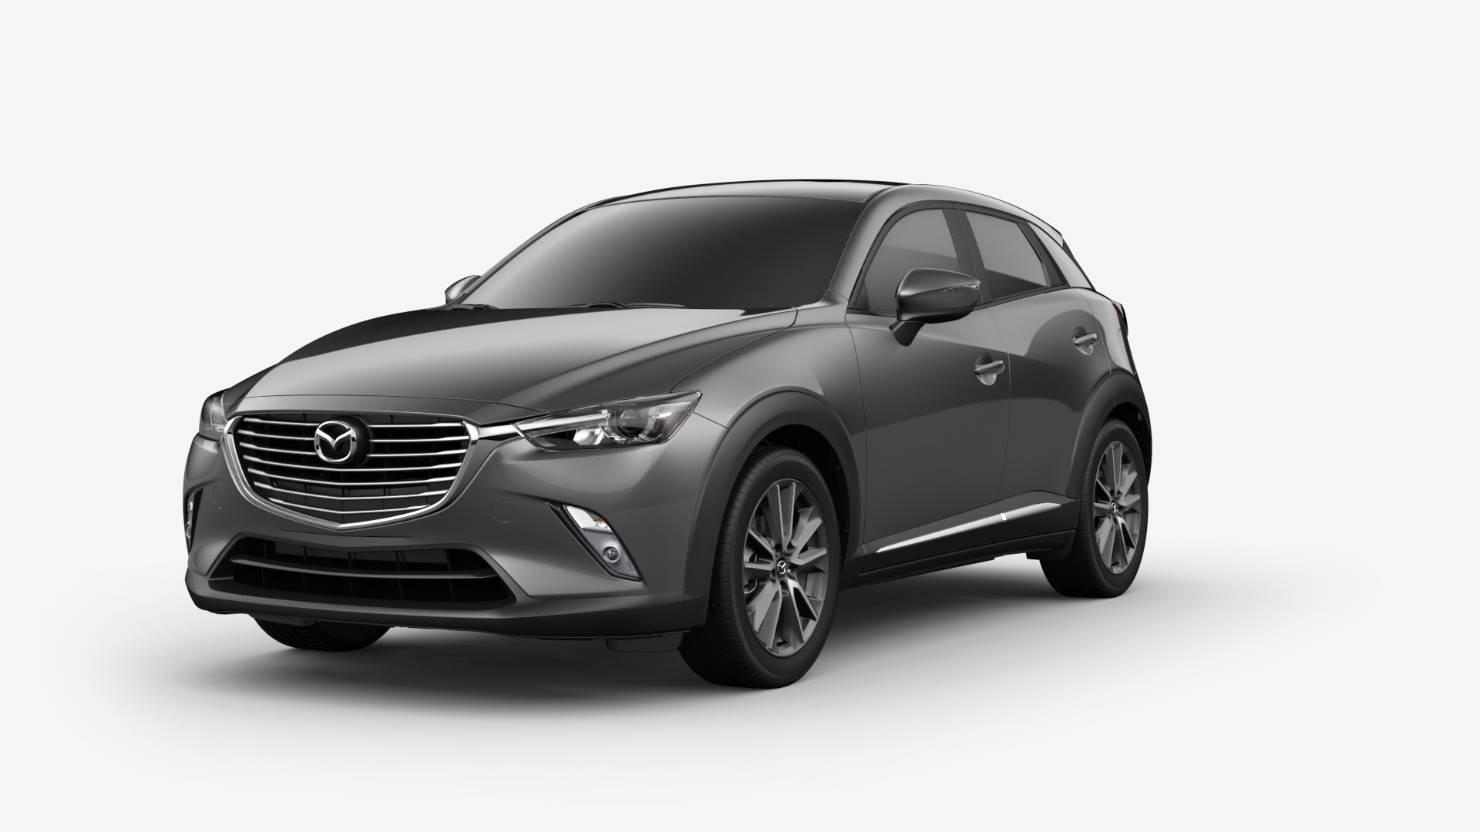 2018 CX 3, Machine Gray